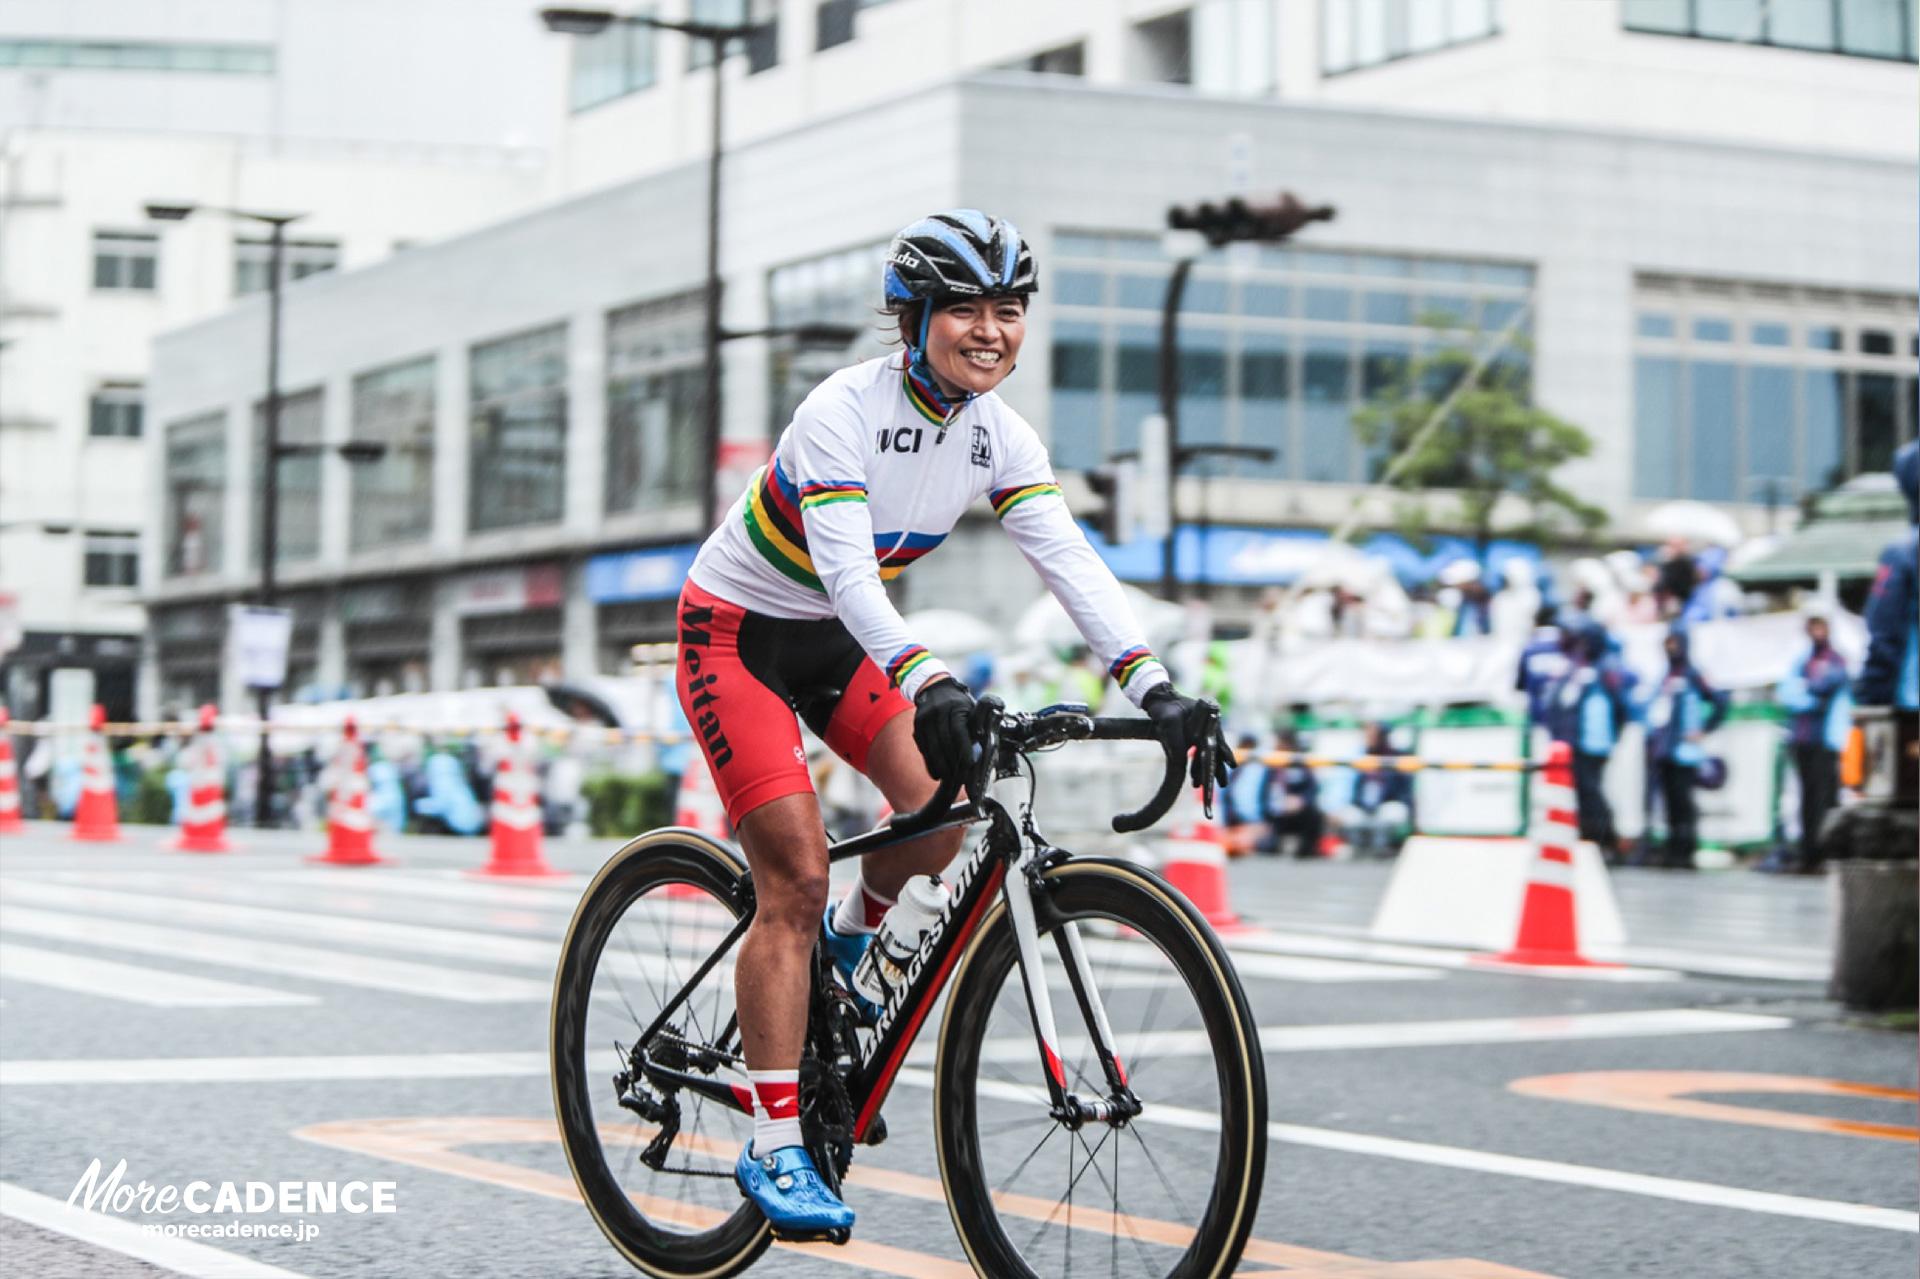 パラサイクリング世界選手権で金メダル獲得の野口桂子選手